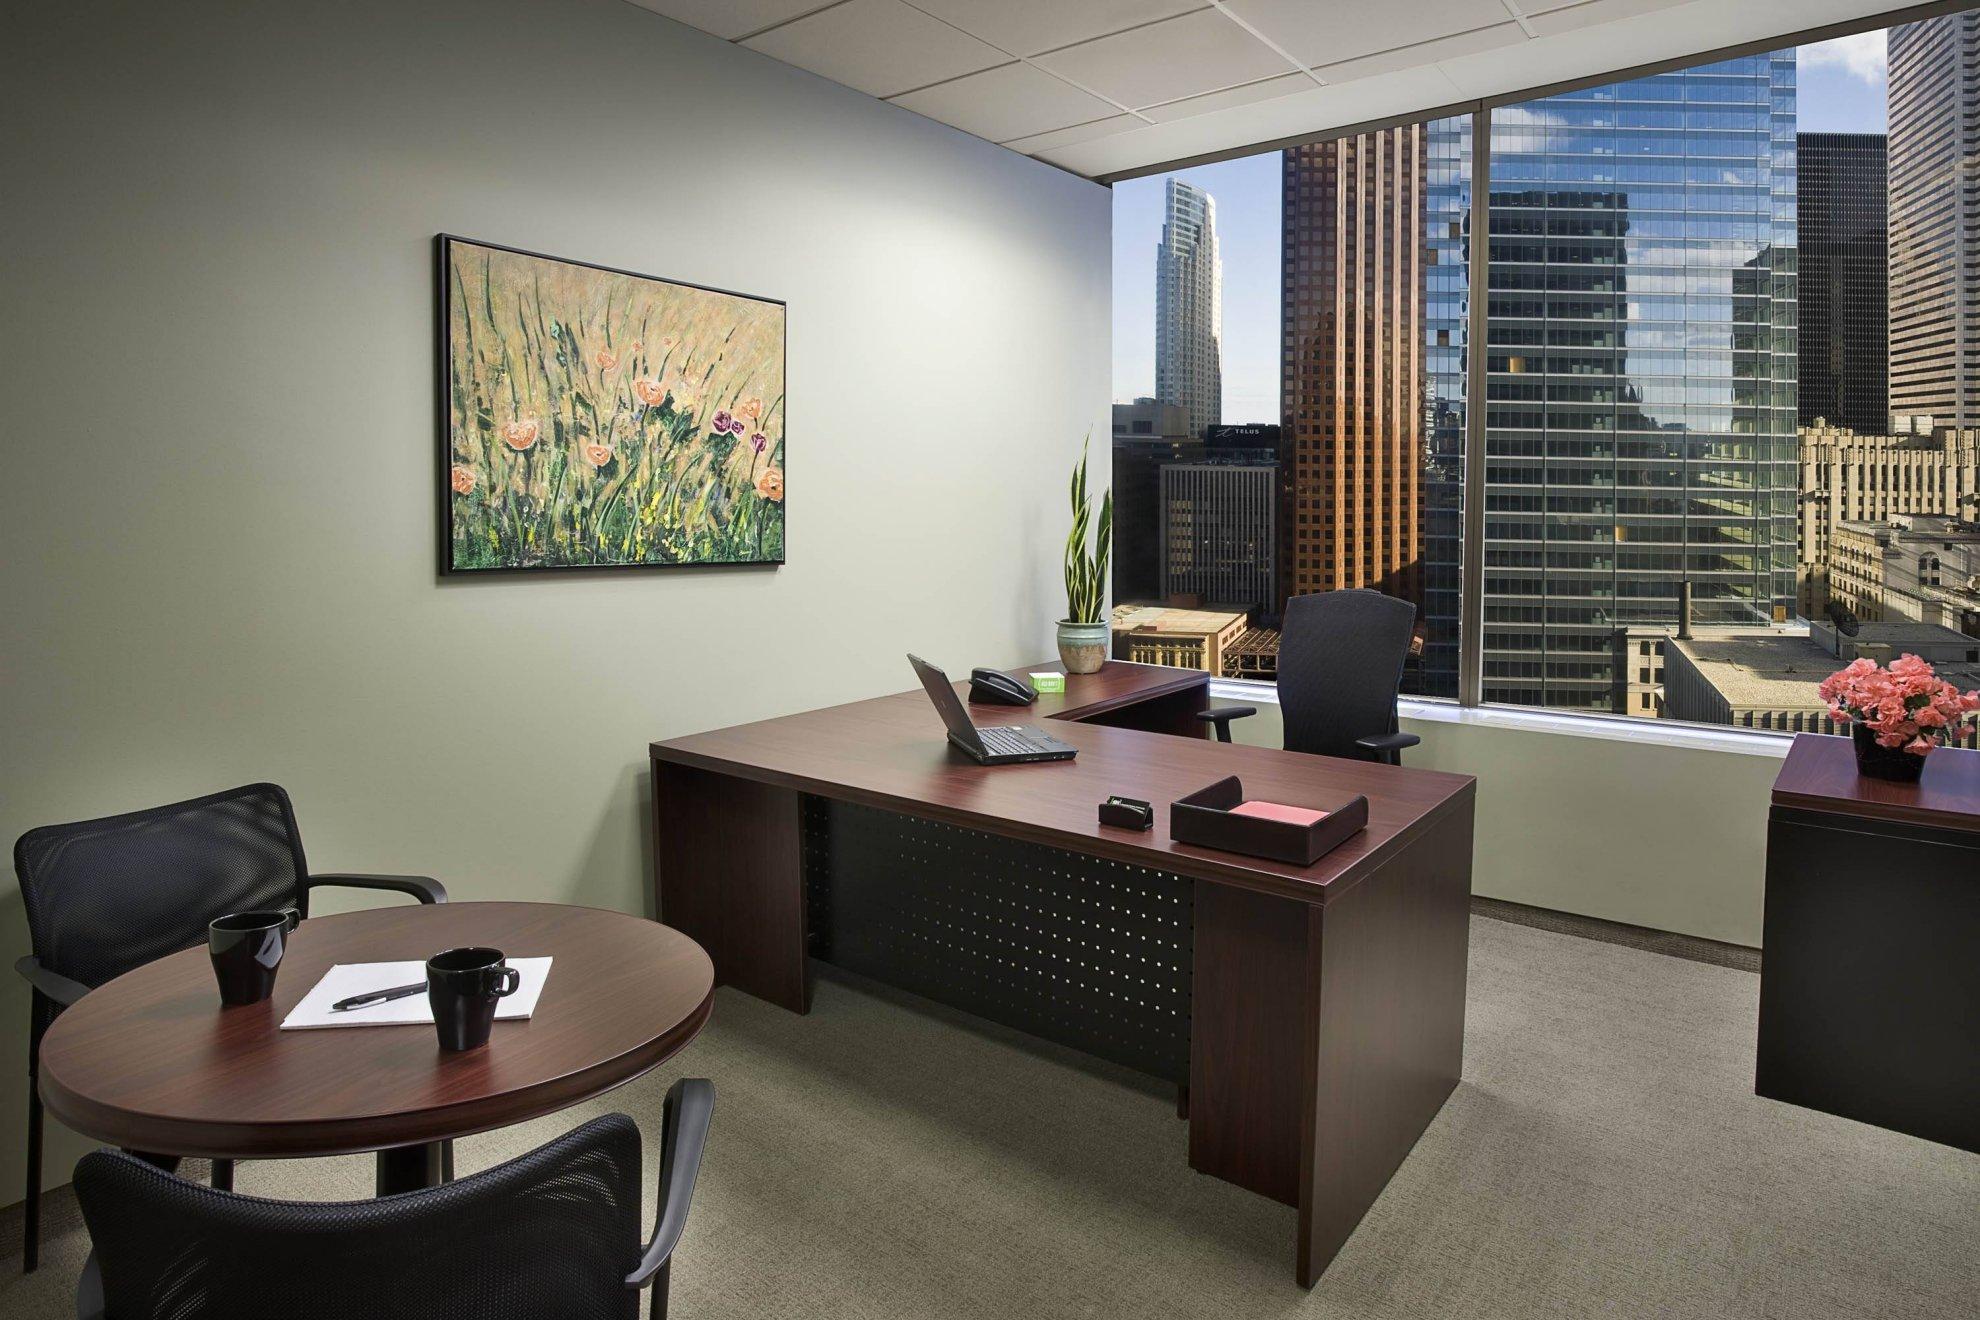 老板办公桌摆放风水讲究 老板办公桌摆放风水禁忌